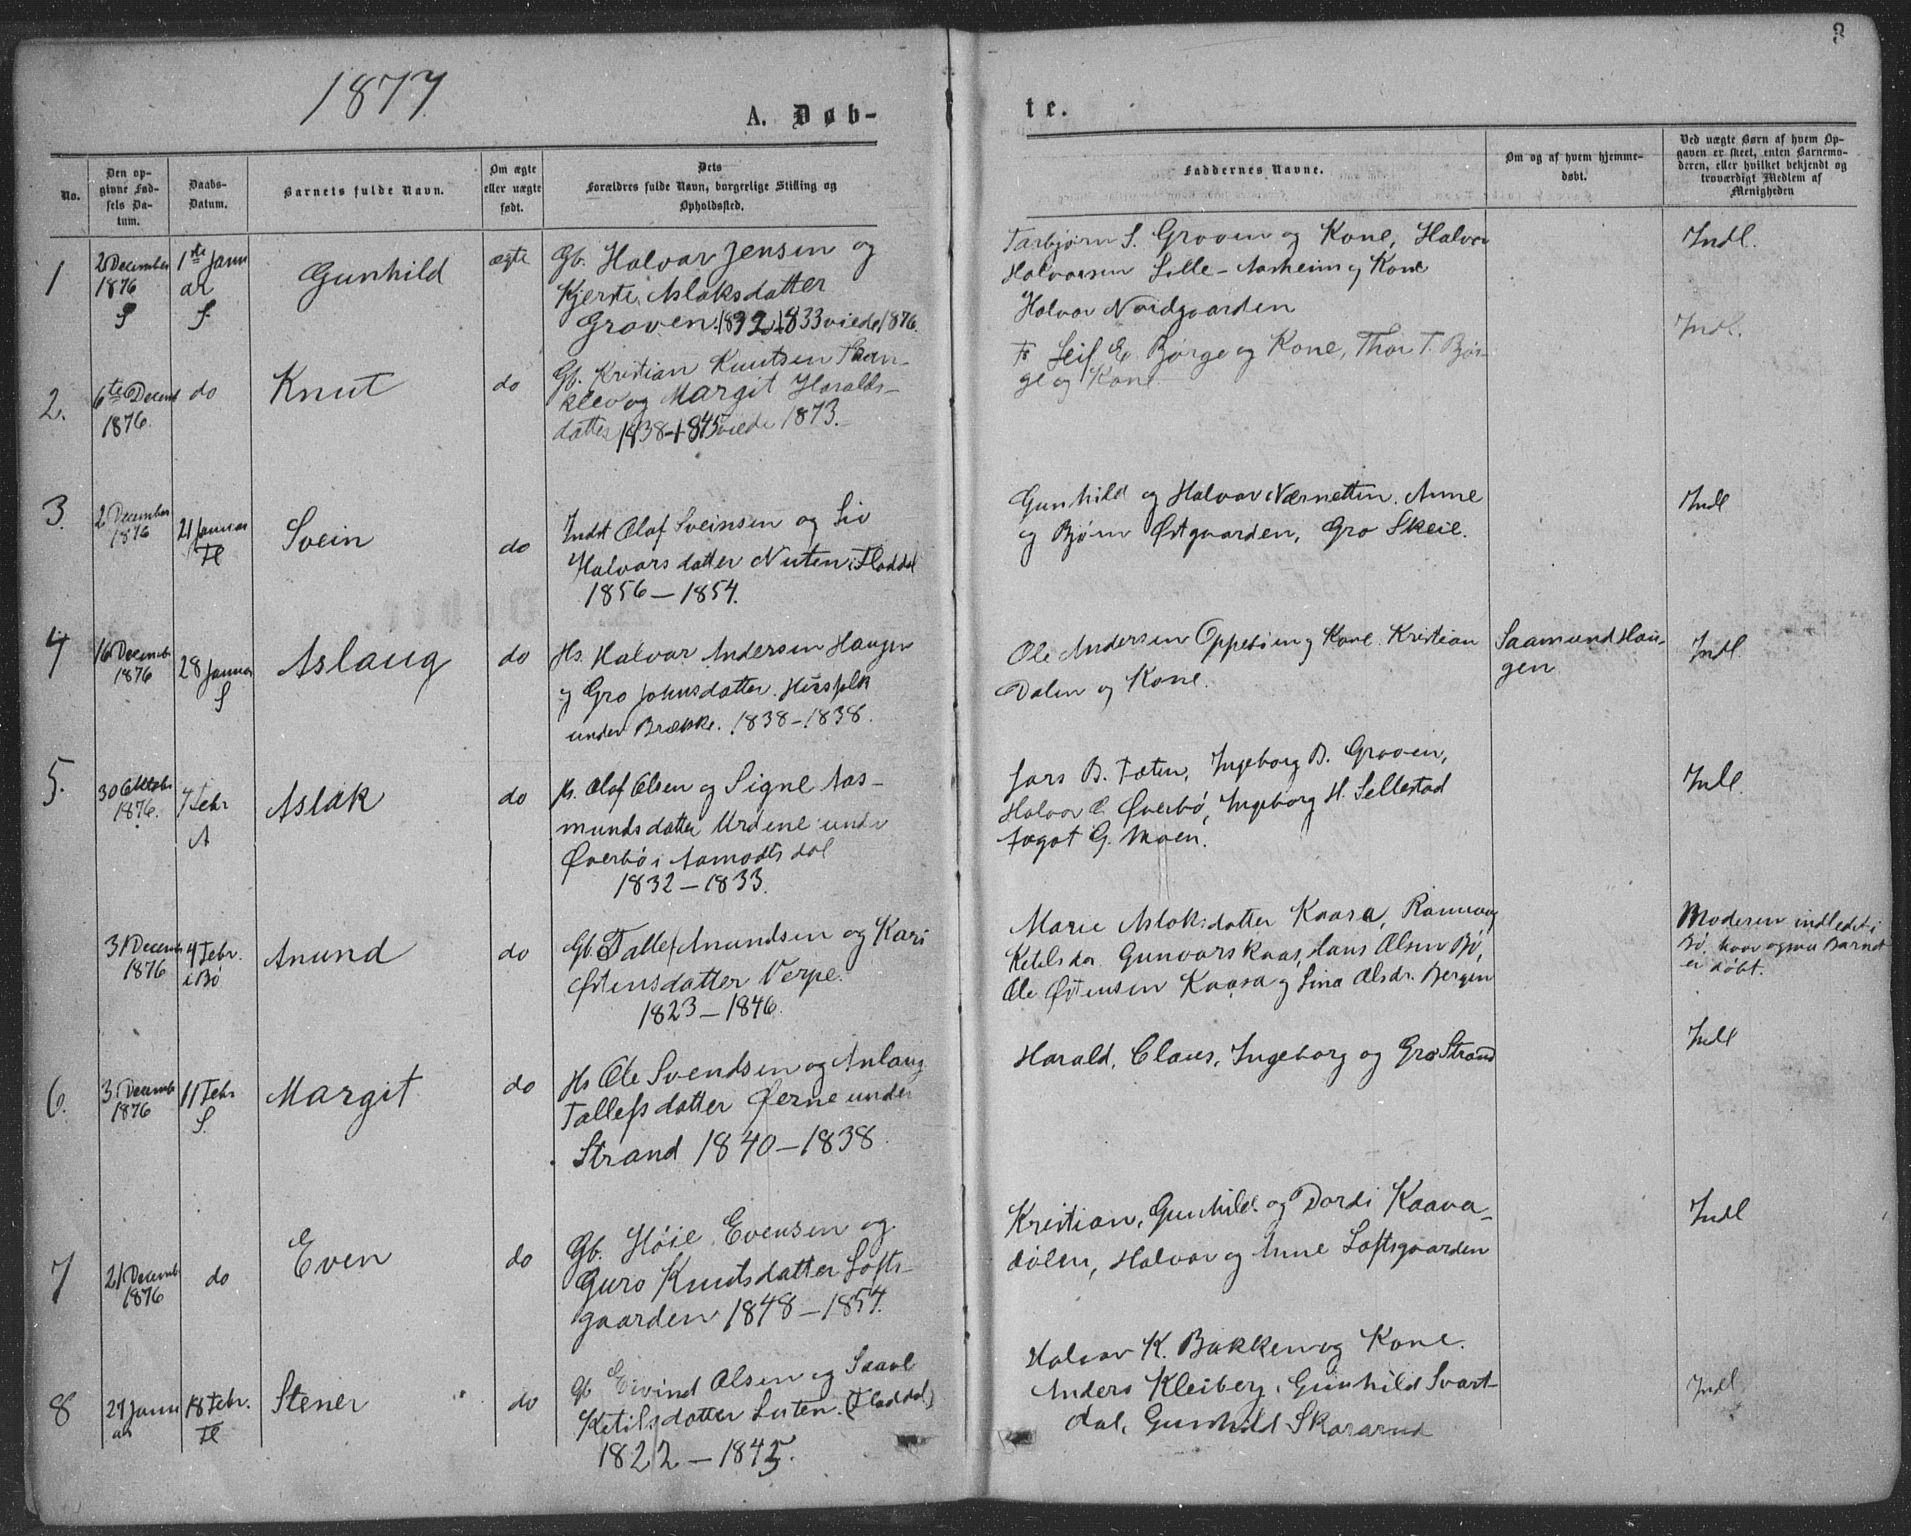 SAKO, Seljord kirkebøker, F/Fa/L0014: Ministerialbok nr. I 14, 1877-1886, s. 3